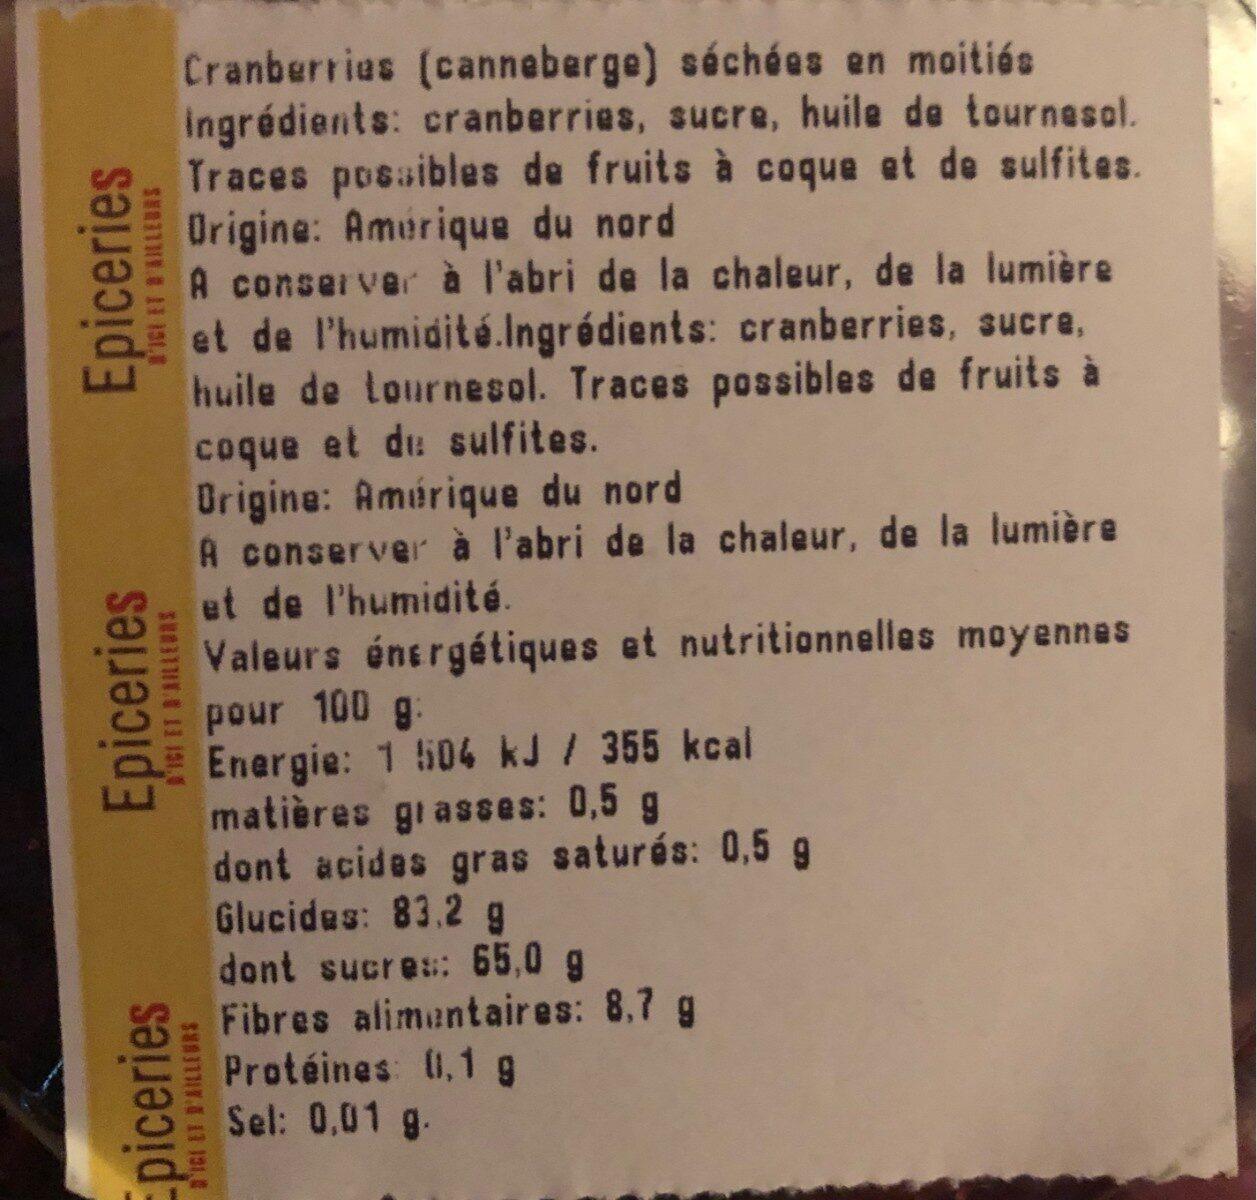 Cranberries séchées en moitiés - Ingrédients